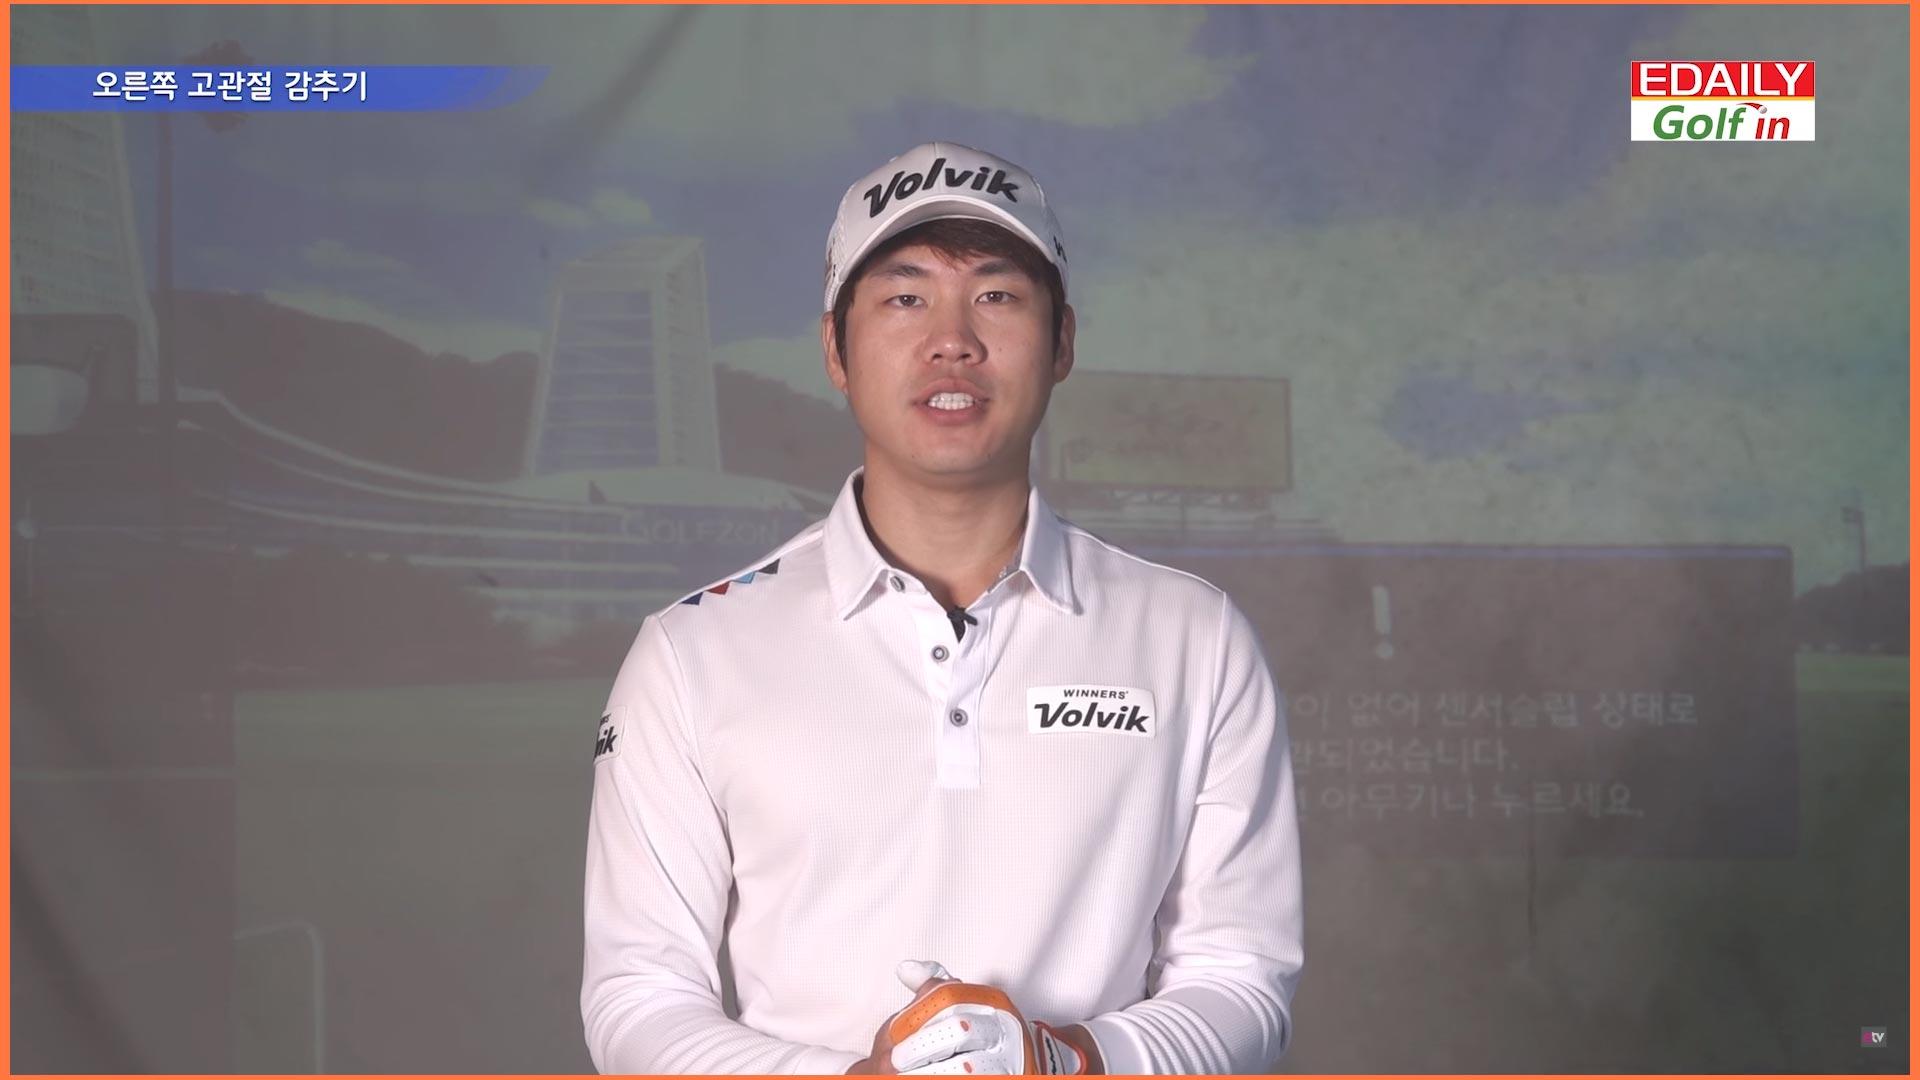 김민수 프로 레슨 ②장타내는 방법 '오른쪽 고관절 감추기'